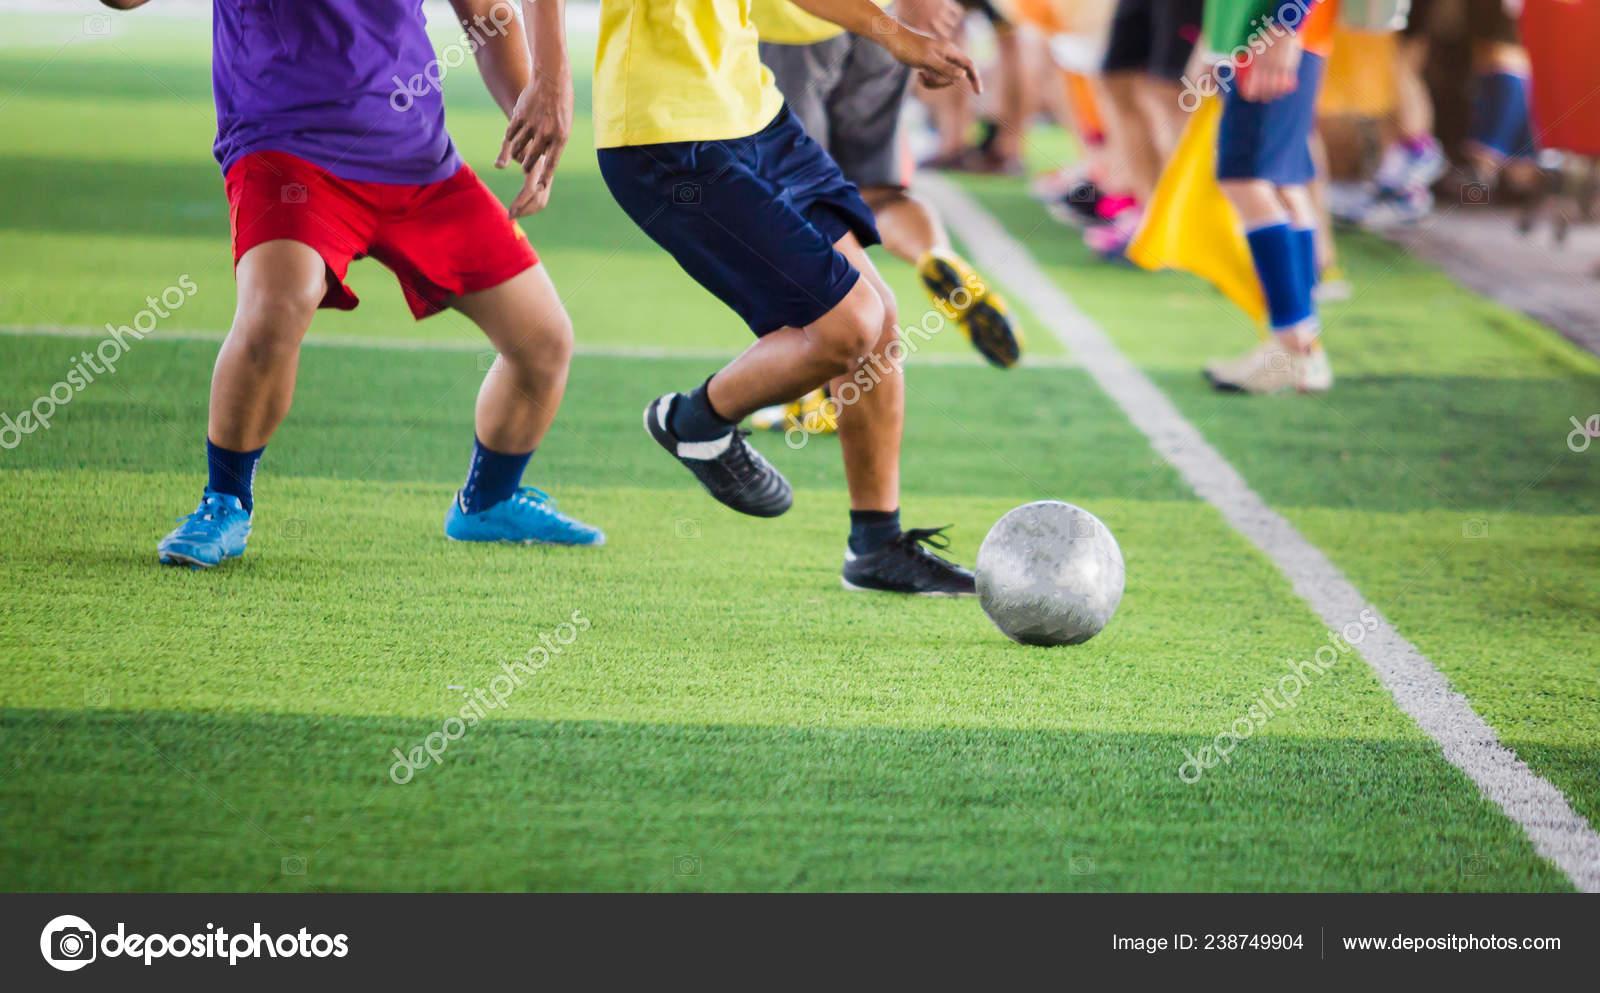 Контроль мяча картинки